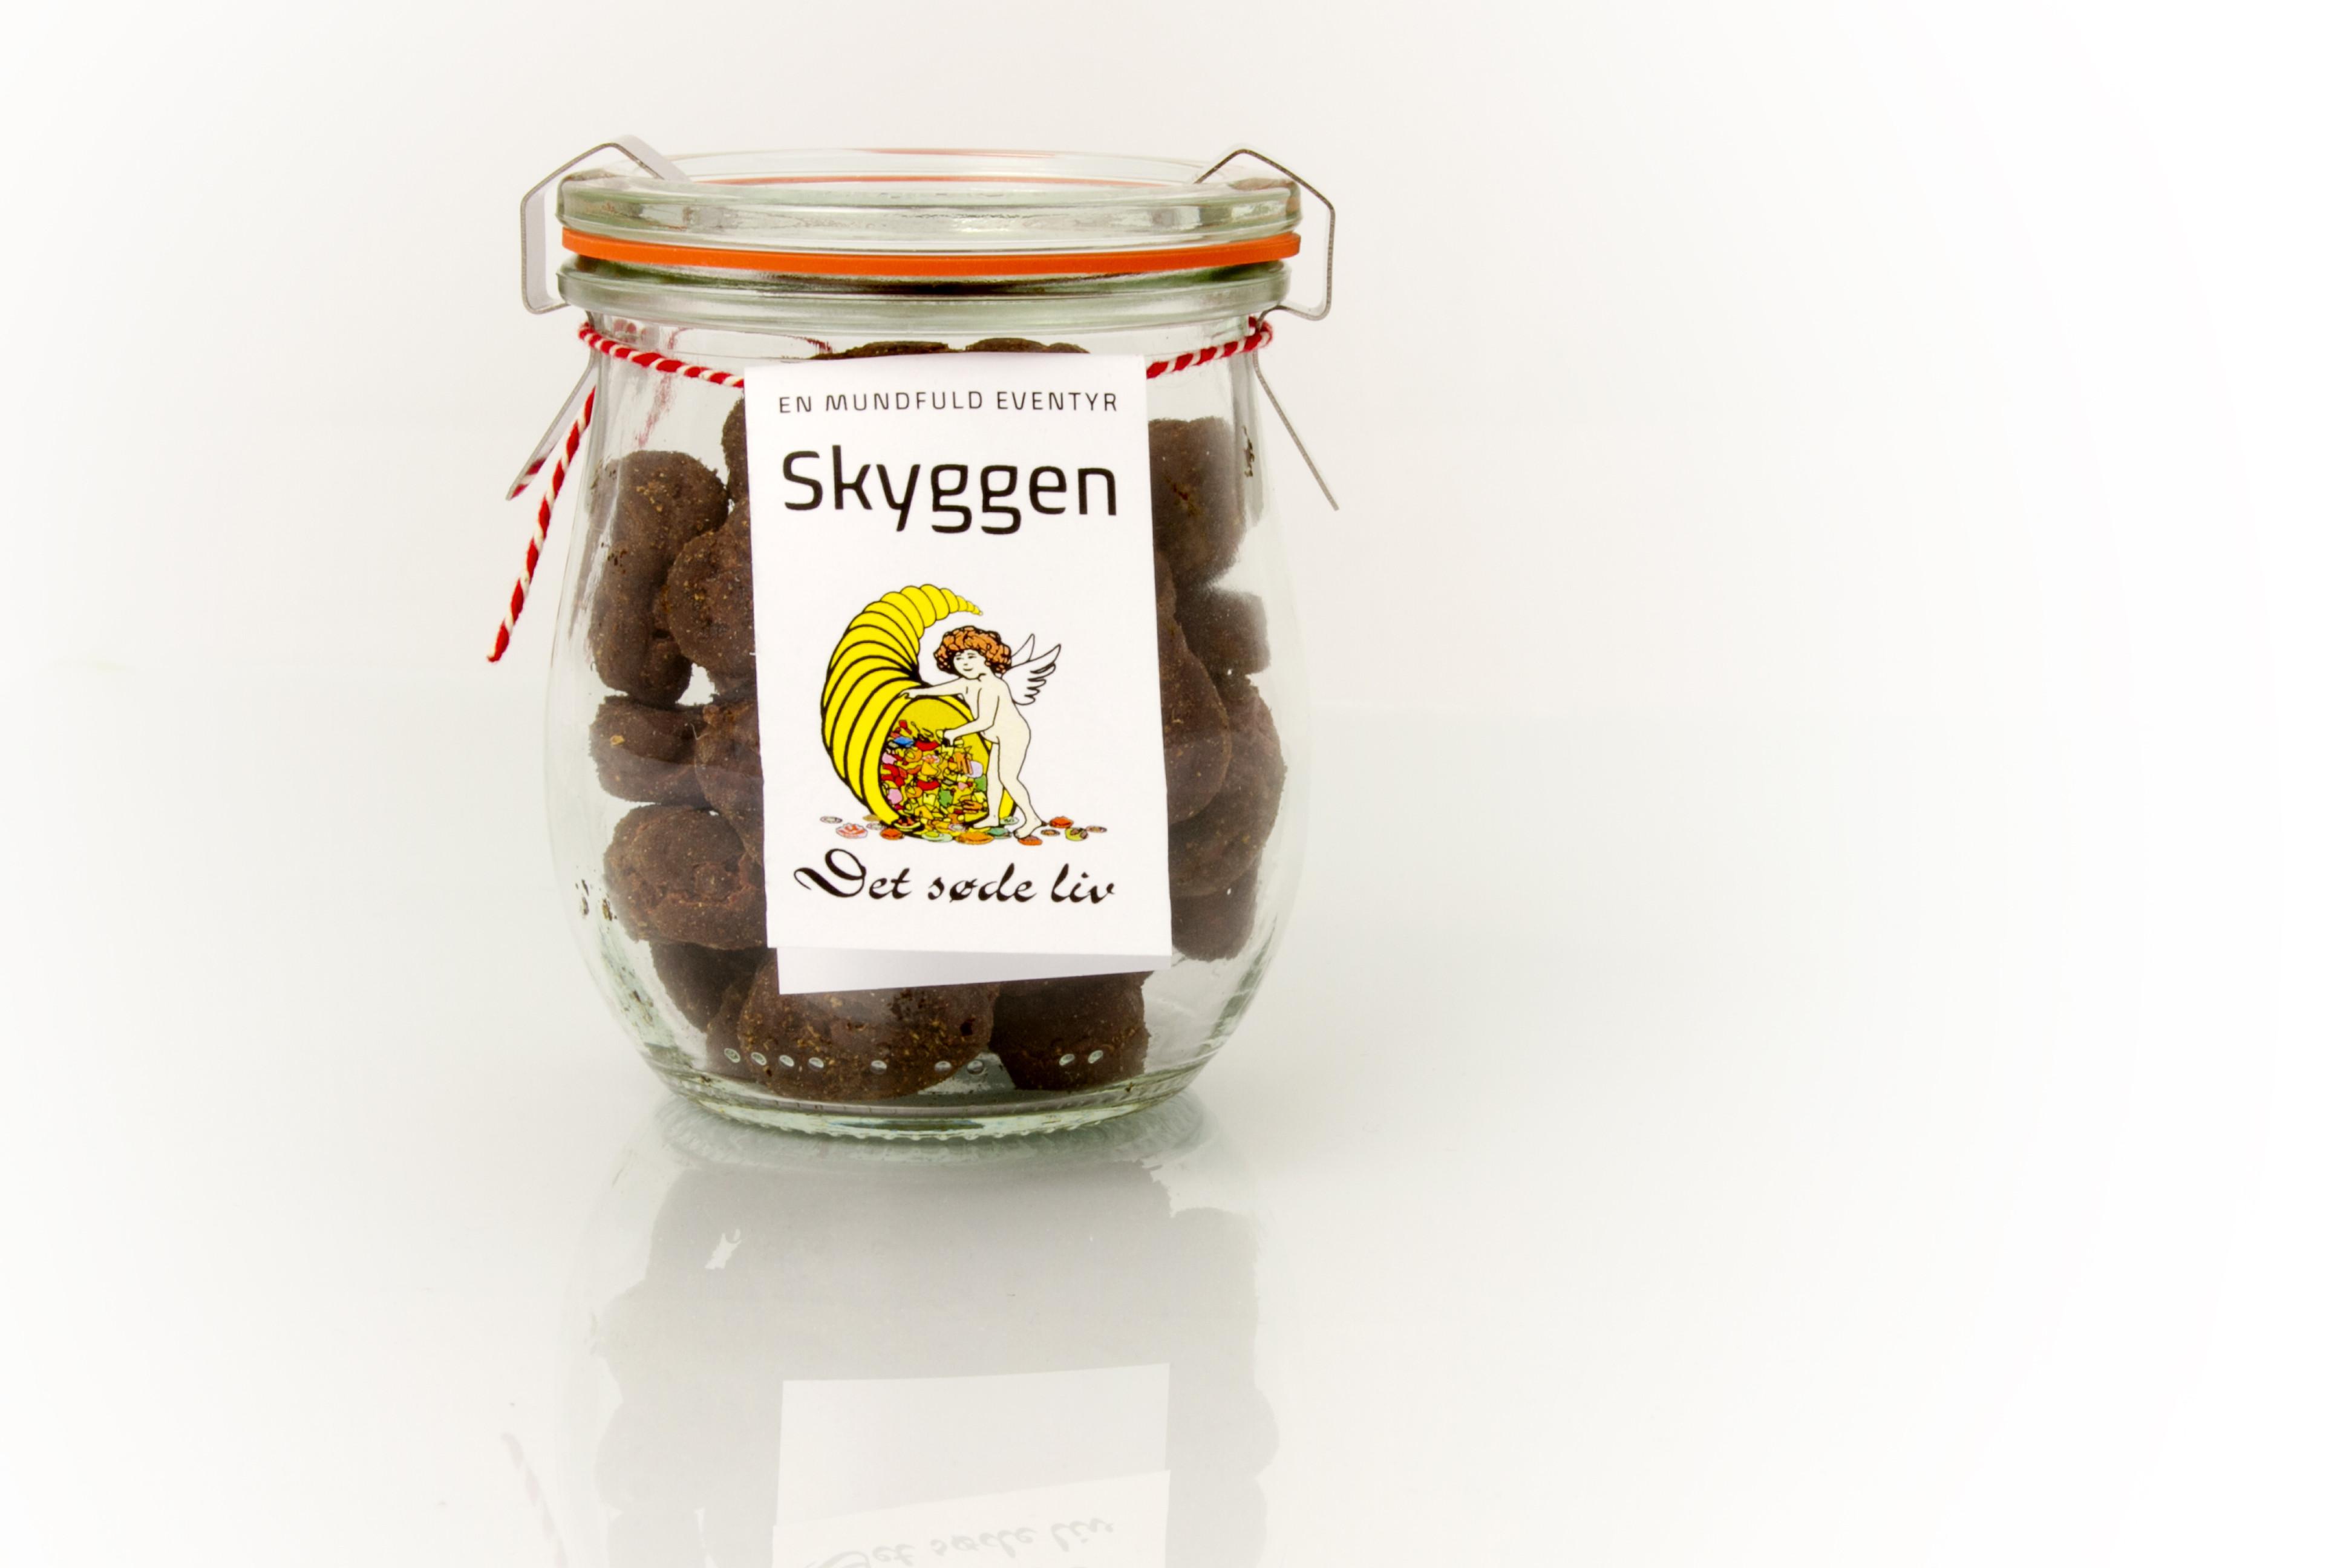 Skyggen - Lakrids, chokolade og lakridspulver i patentglas